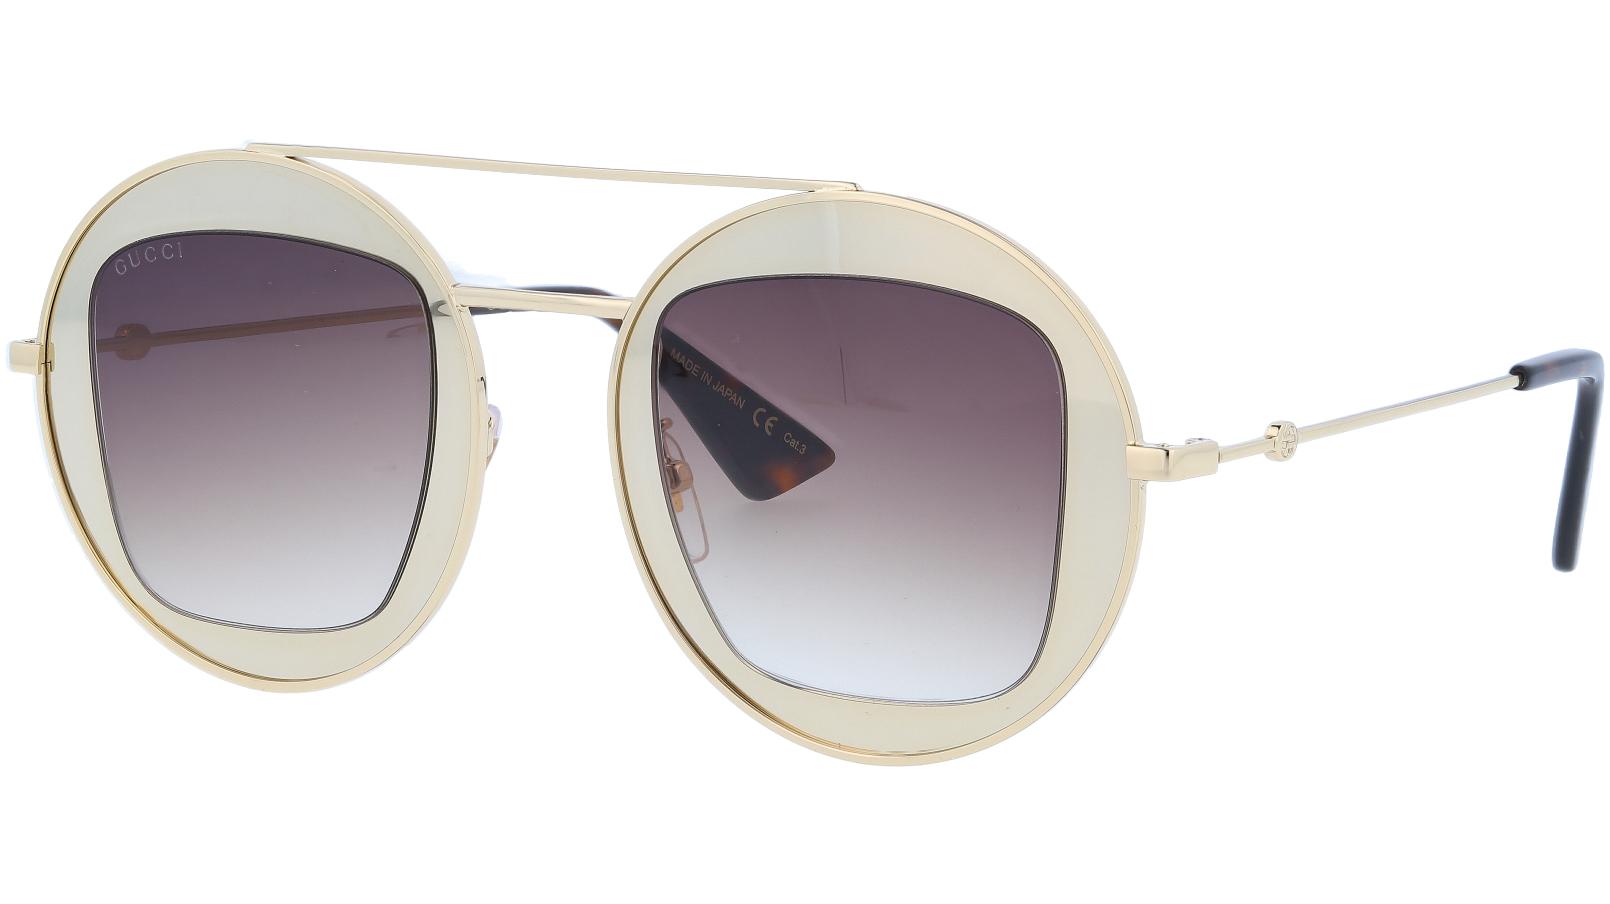 GUCCI GG0105S 002 47 GOLD Sunglasses